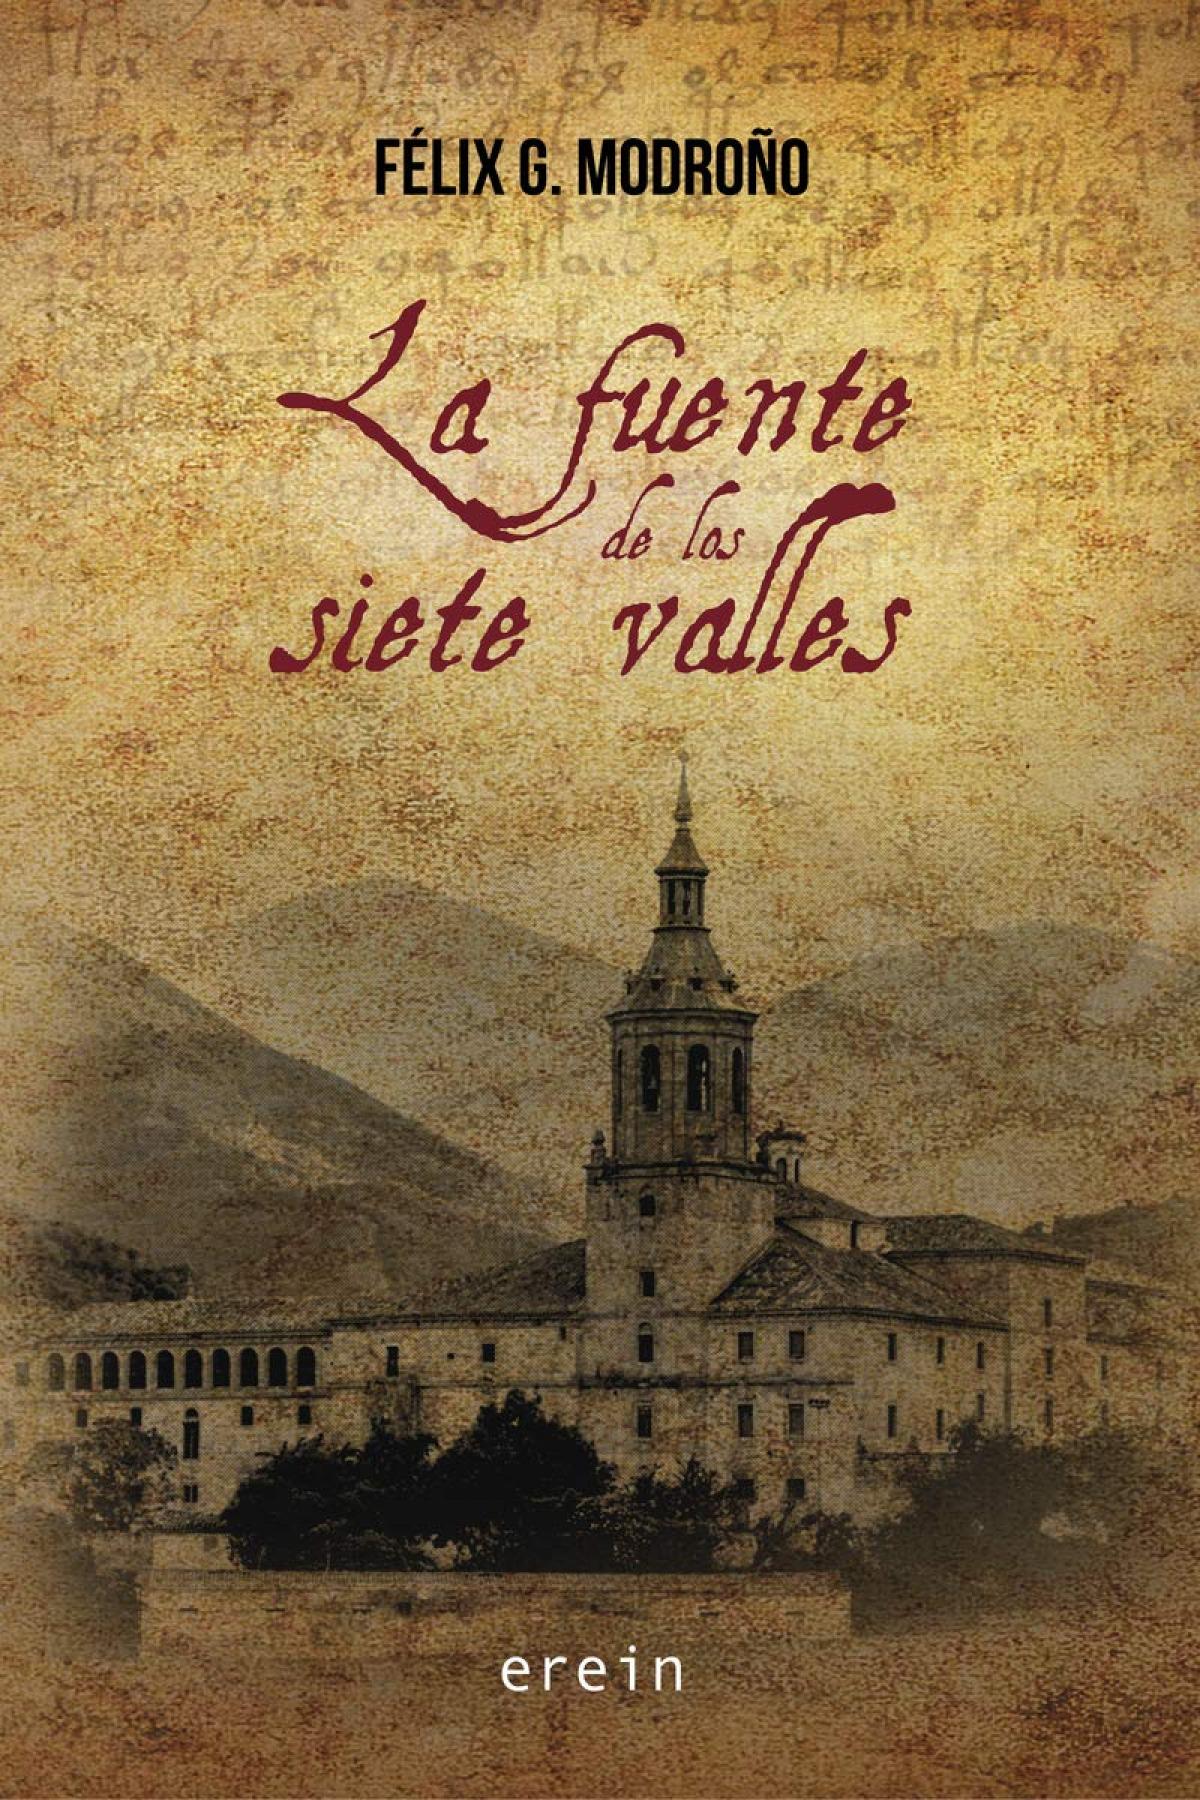 LA FUENTE DE LOS SIETE VALLES 9788491094463